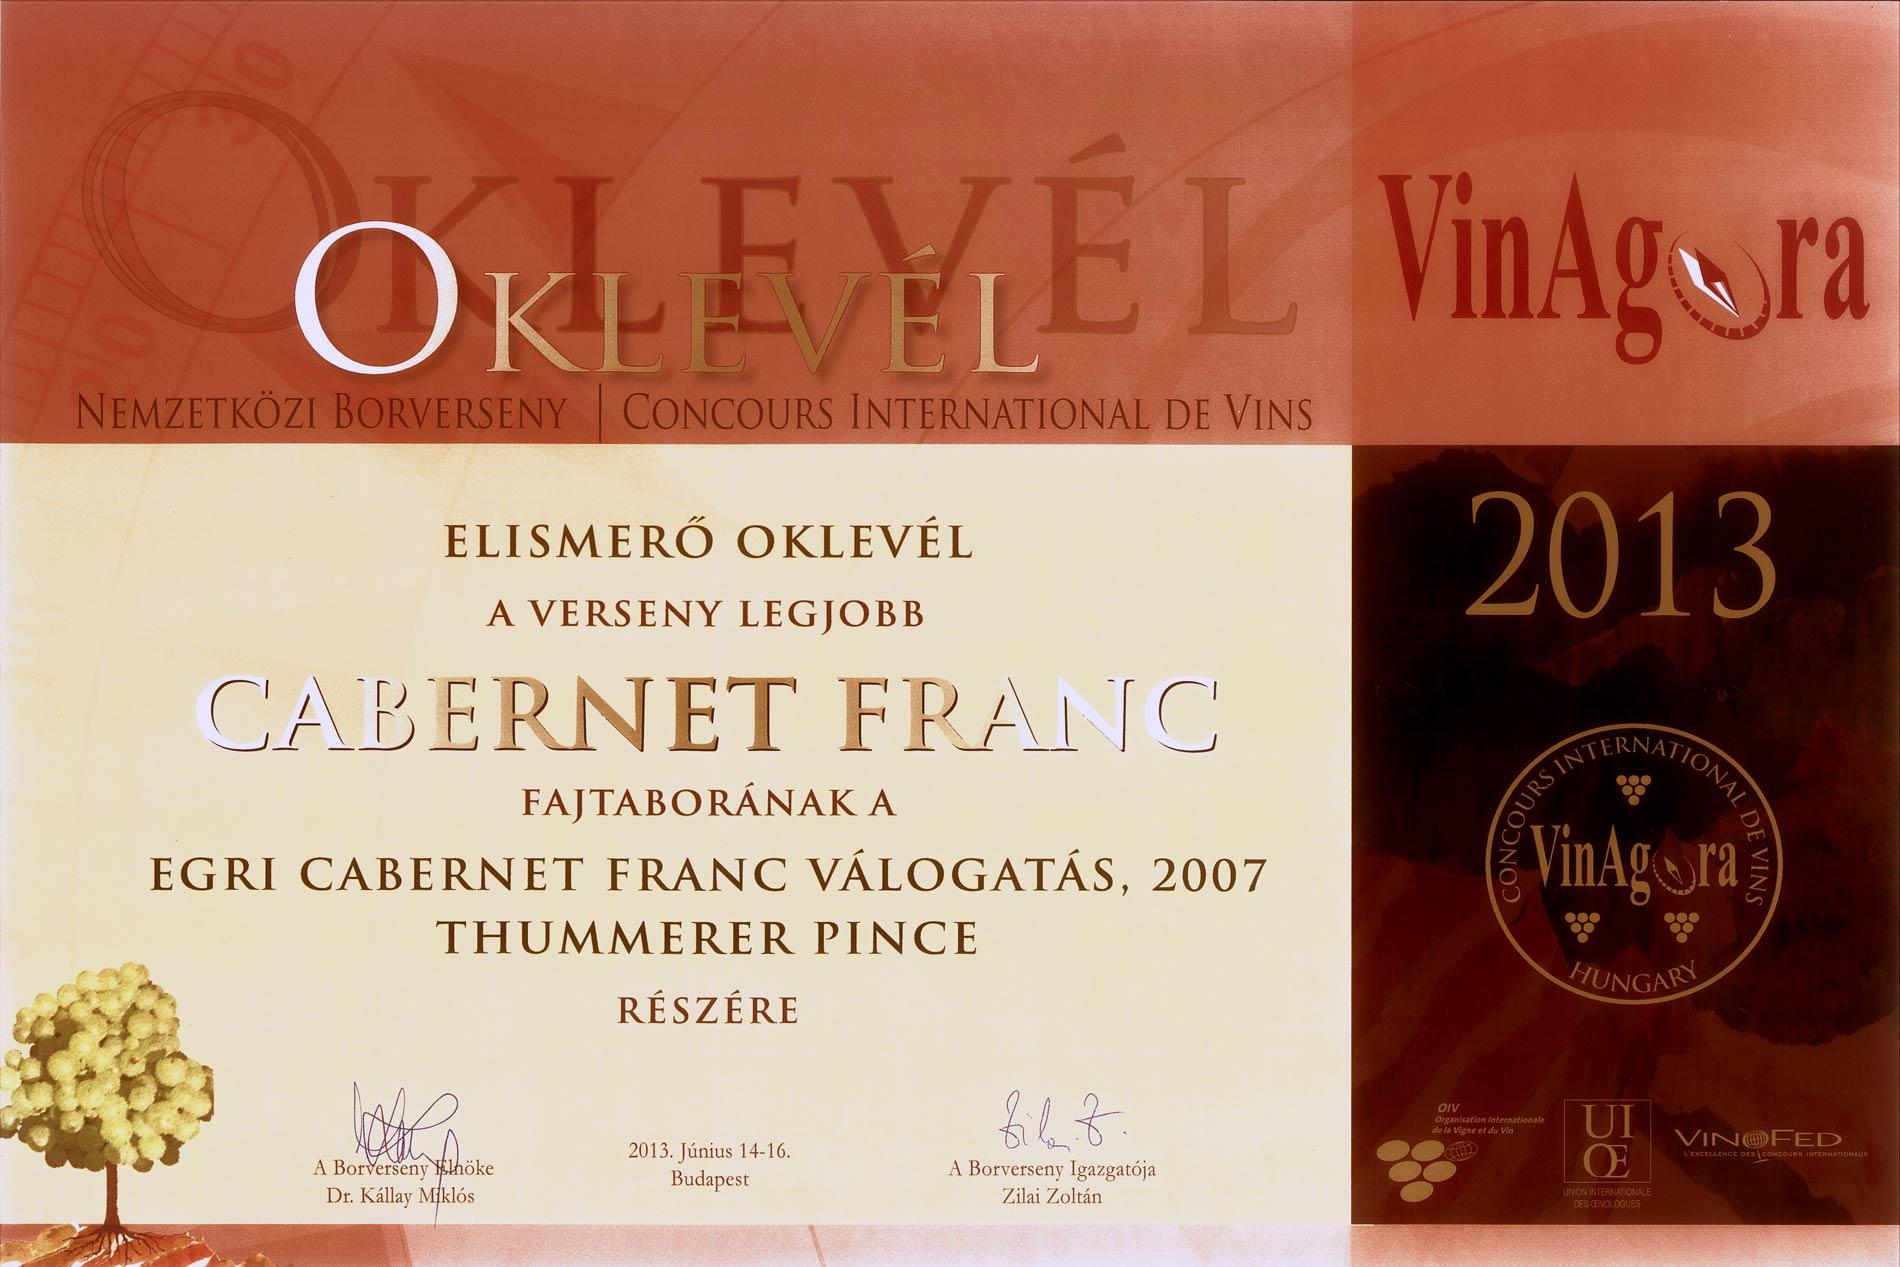 Best Wine in Category